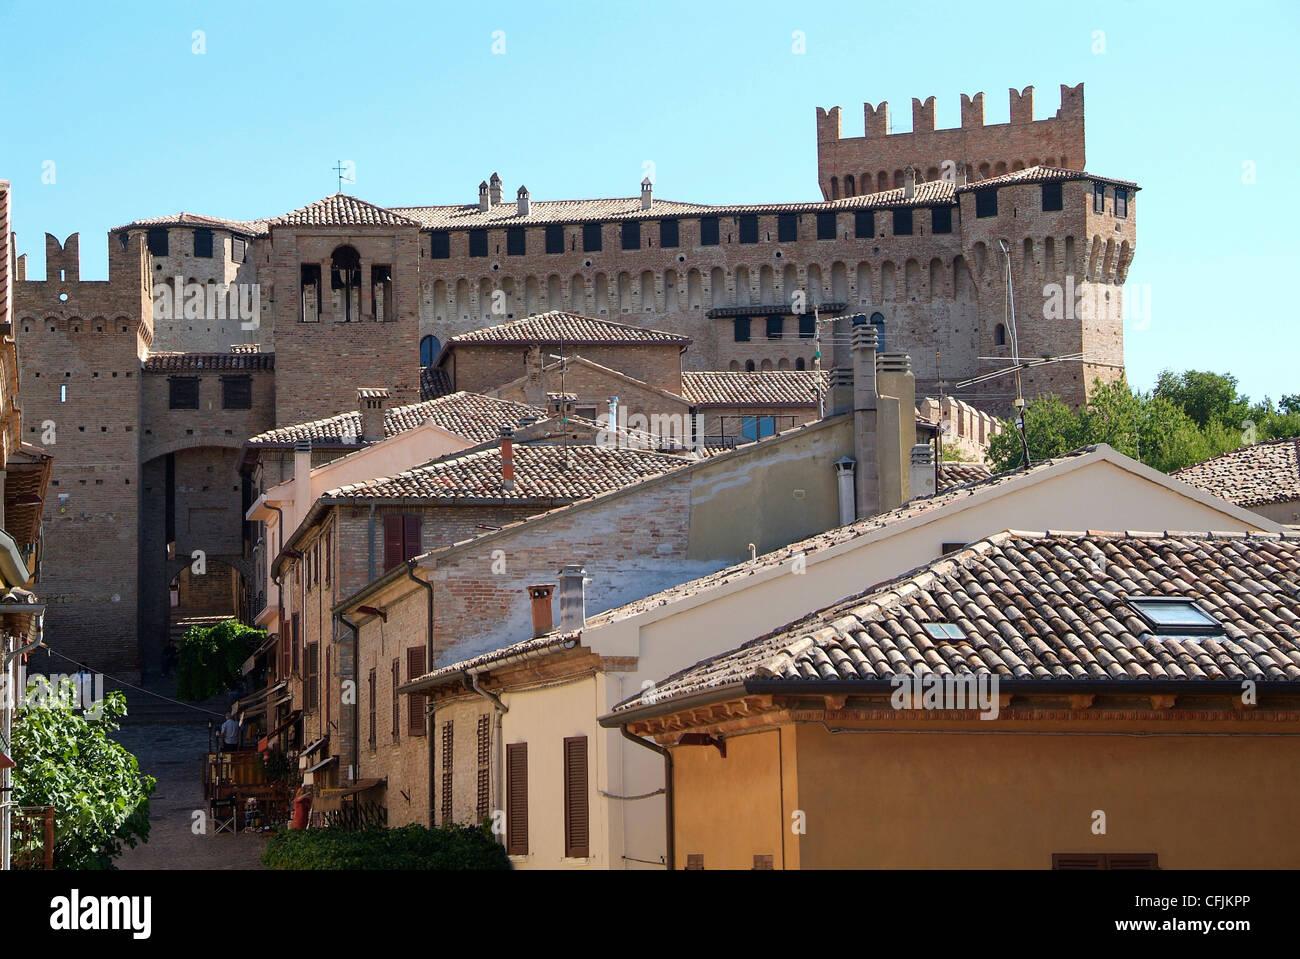 Gradara, old town, Adriatic coast, Emilia-Romagna, Italy, Europe - Stock Image